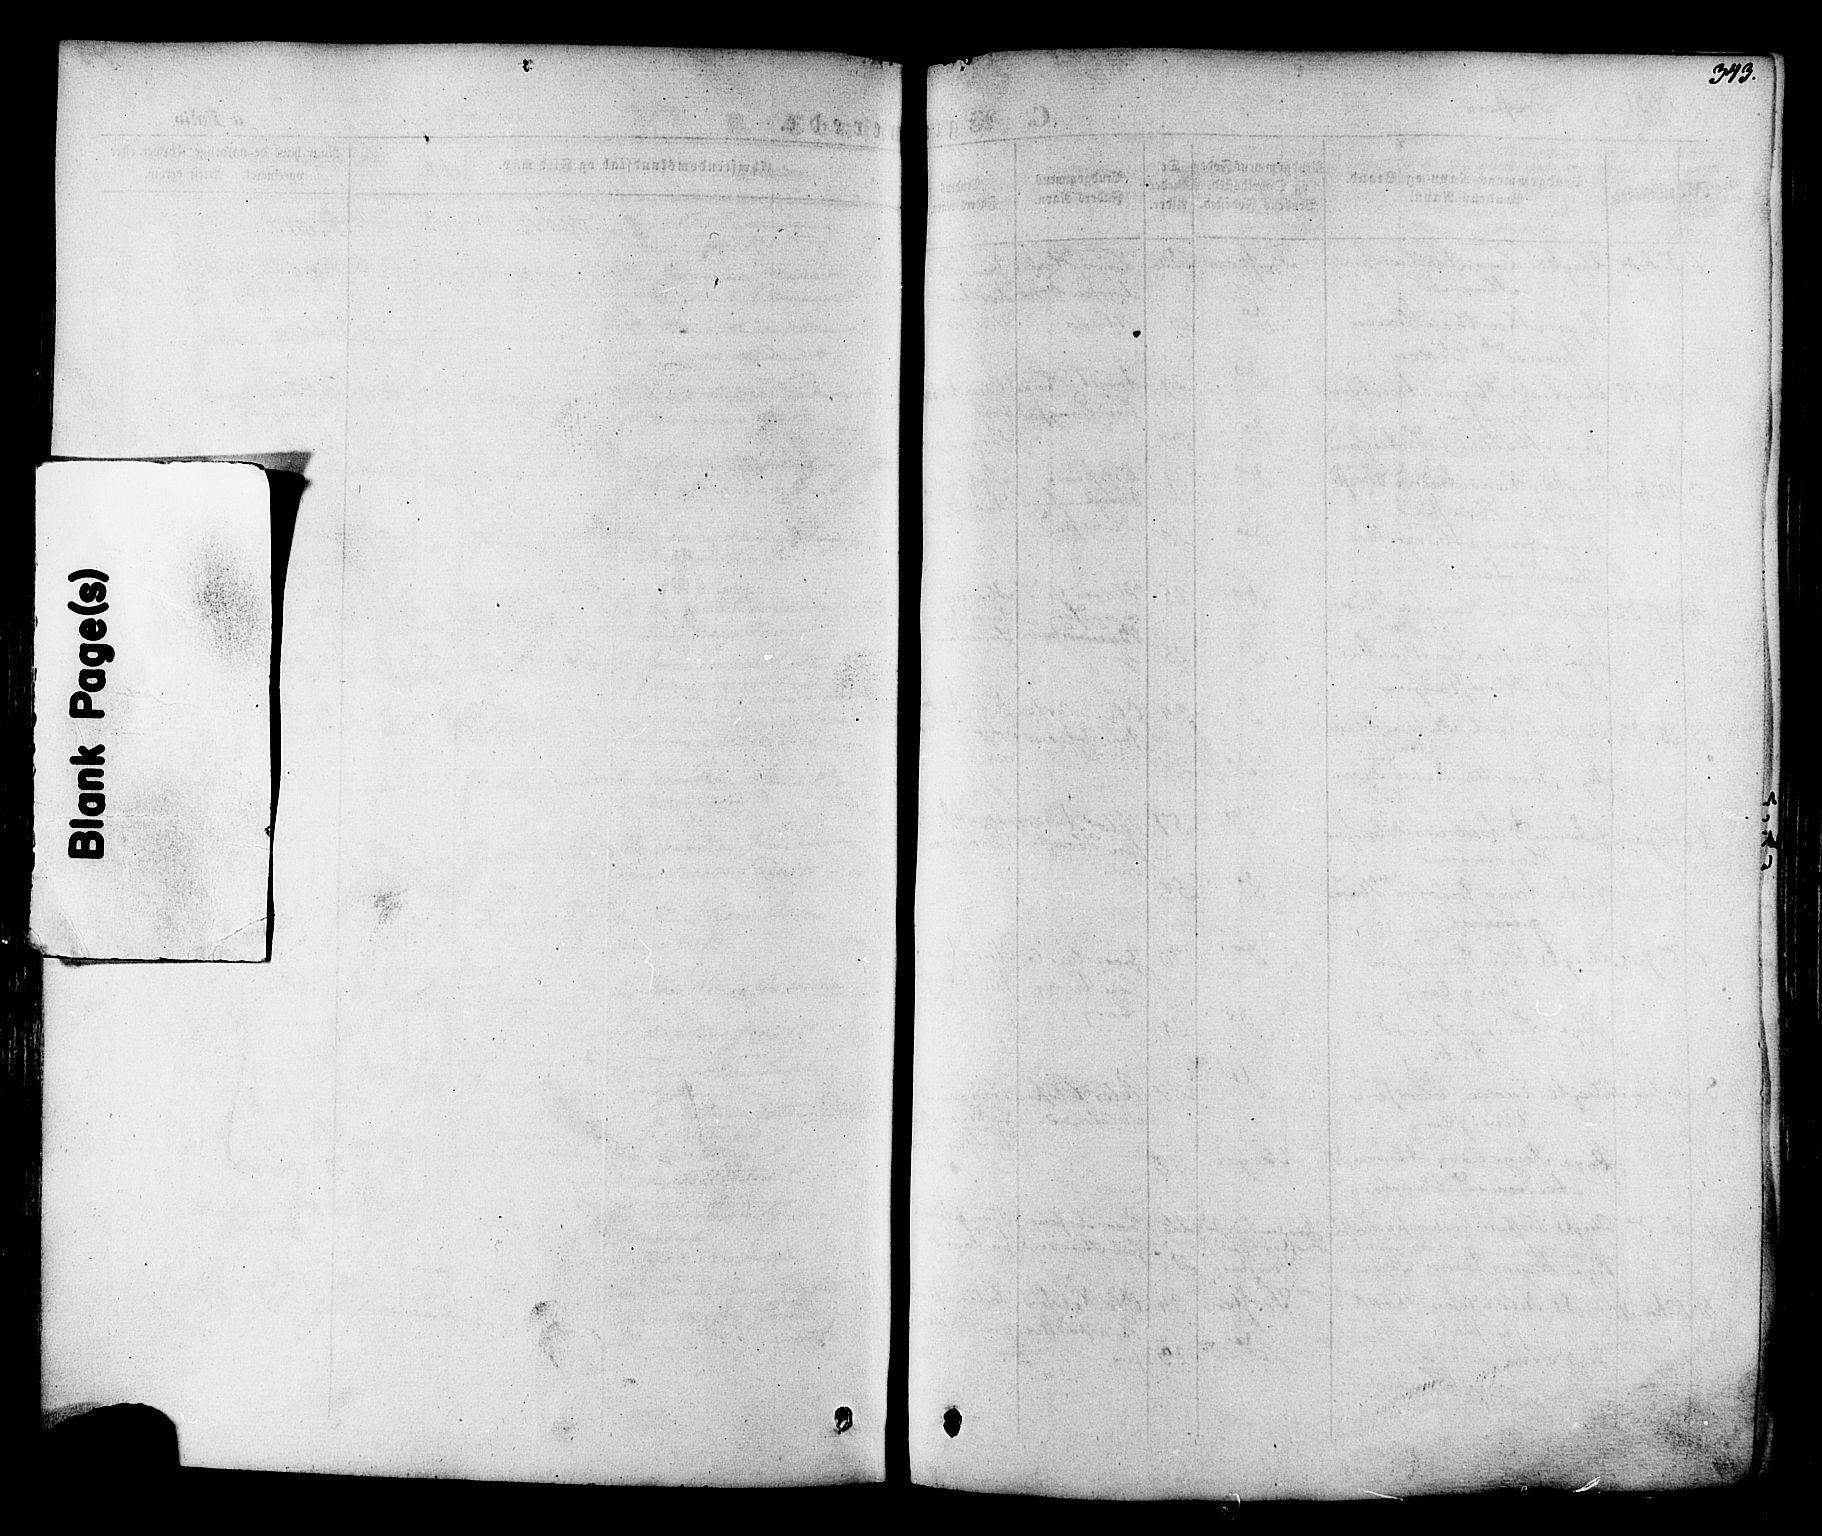 SAT, Ministerialprotokoller, klokkerbøker og fødselsregistre - Nord-Trøndelag, 713/L0116: Ministerialbok nr. 713A07, 1850-1877, s. 343